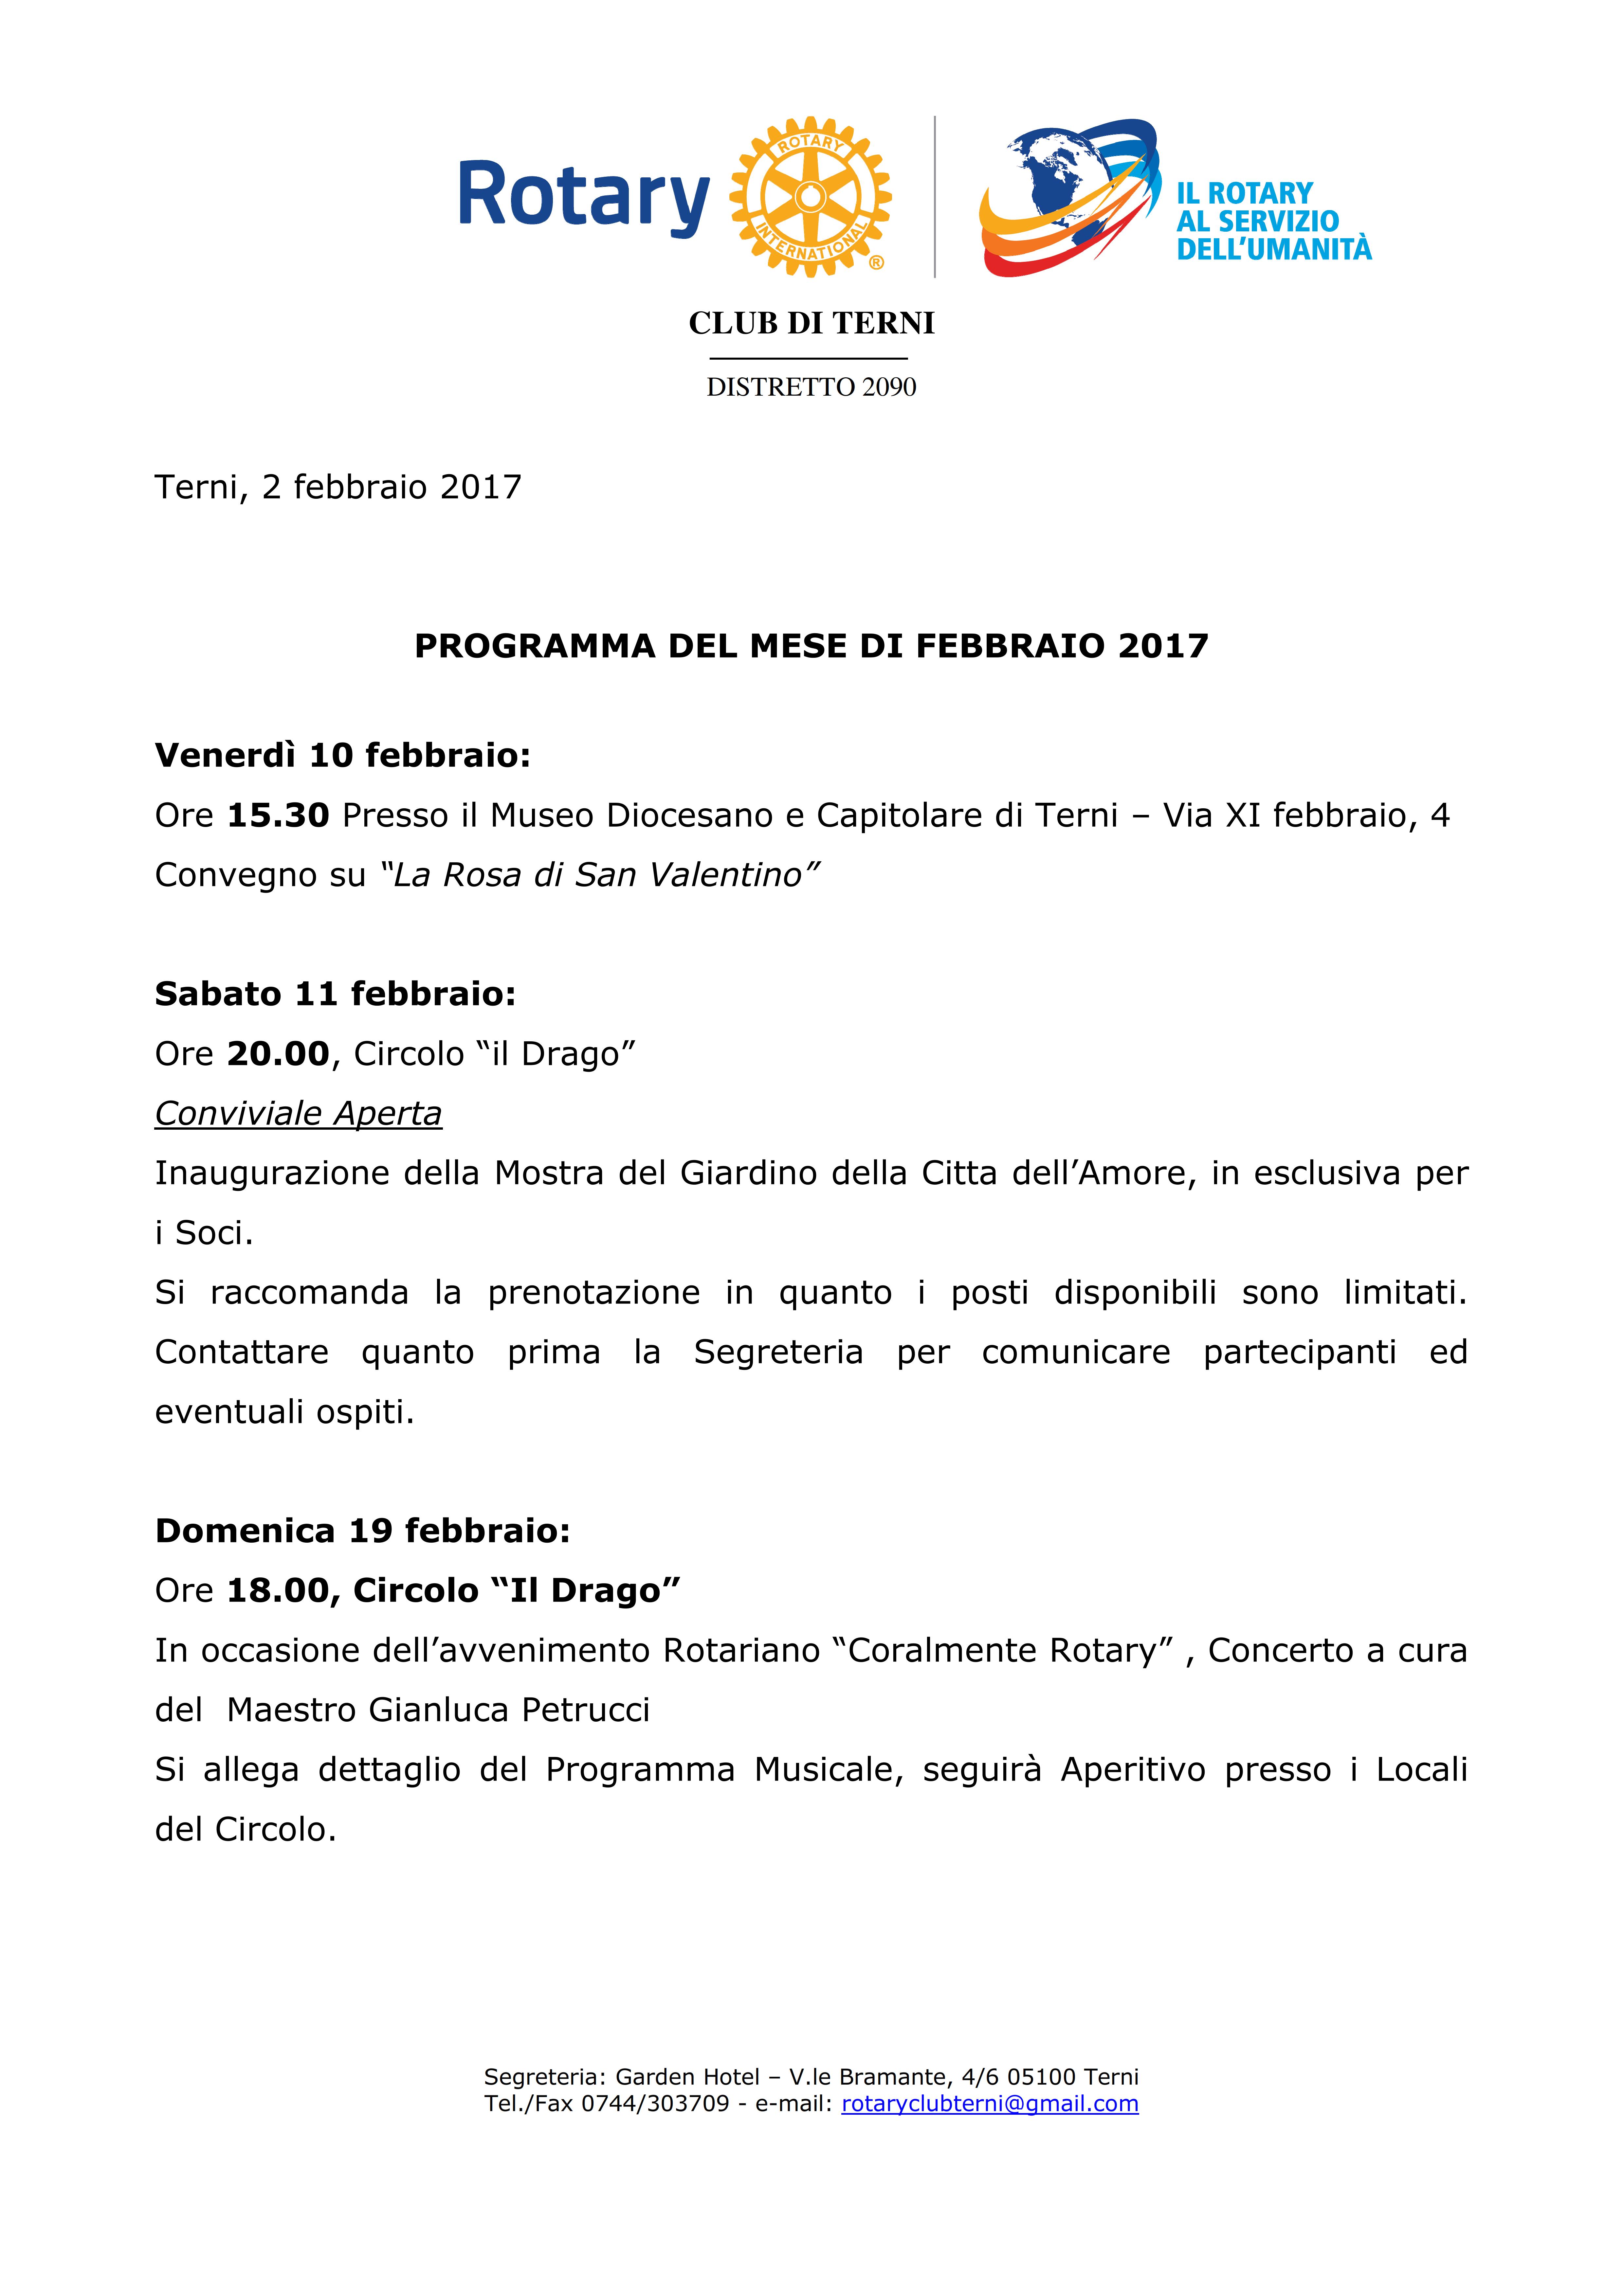 Rotary Club Terni - Programma Febbraio 2017_001